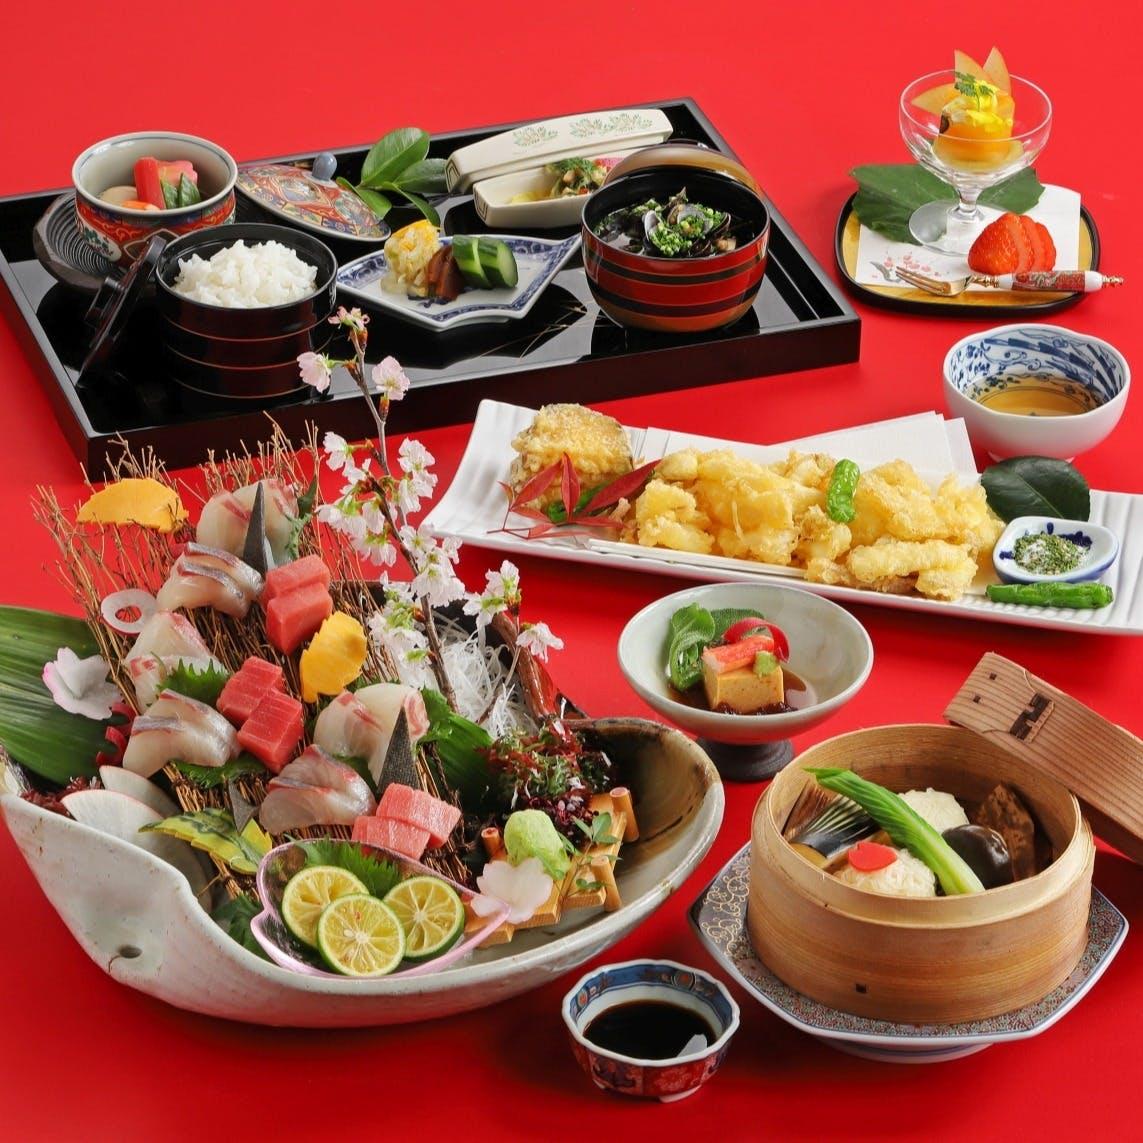 目で愉しむ、舌で愉しむ 慶園の料理